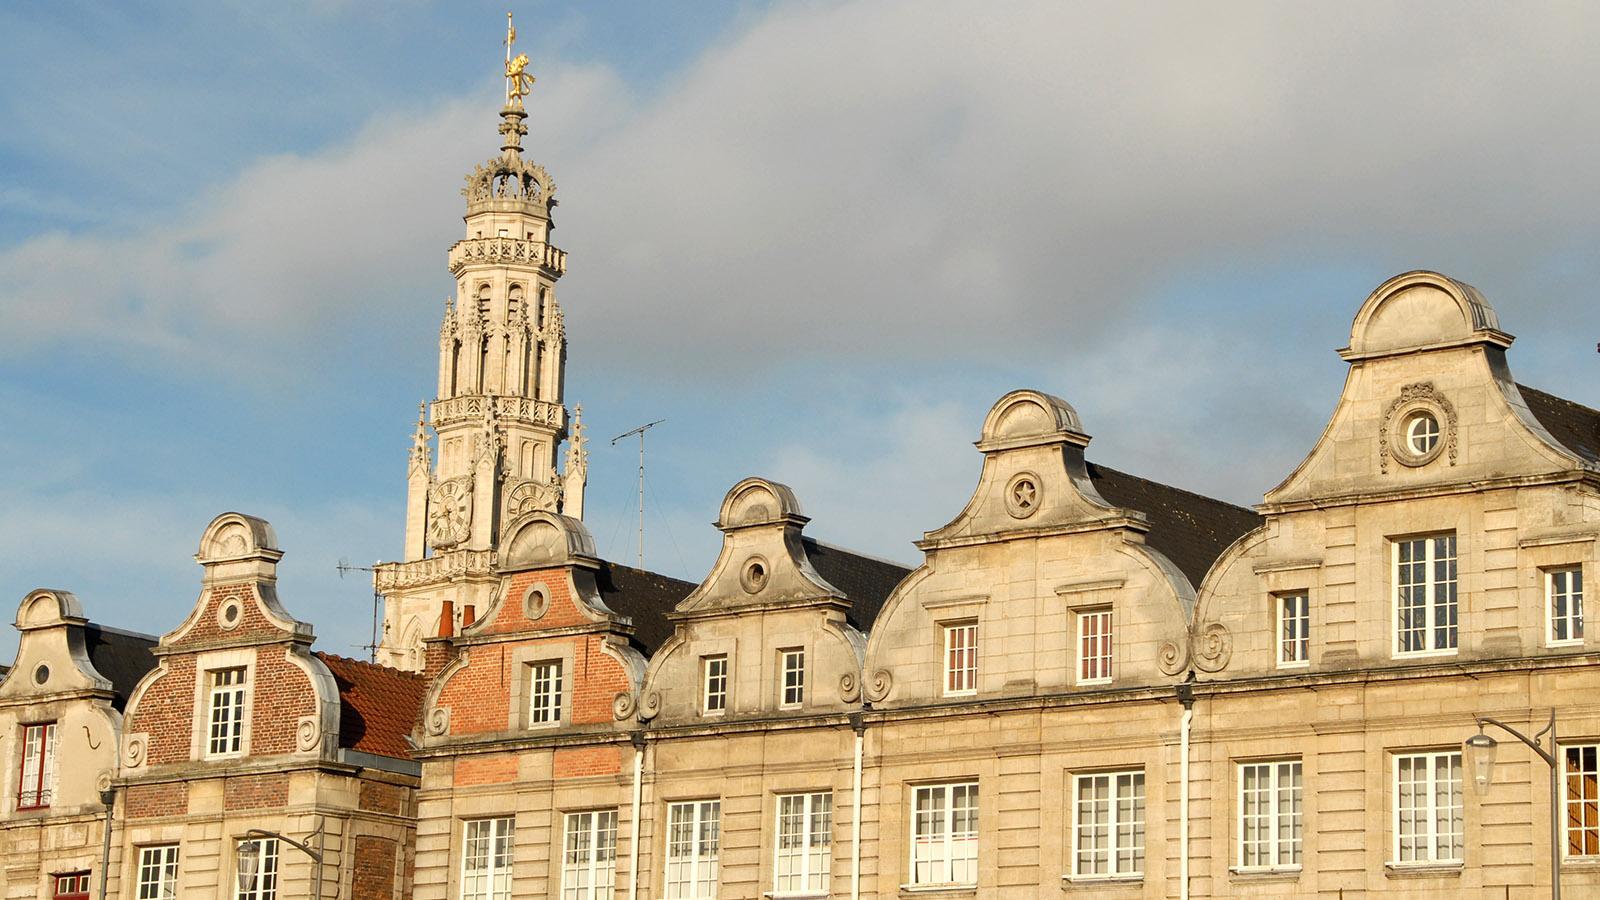 Welterbe in Arras: Die Fassaden der Grande Place im flandrischen Barock, über denen sich der Belfried der Place des Héros erhebt.